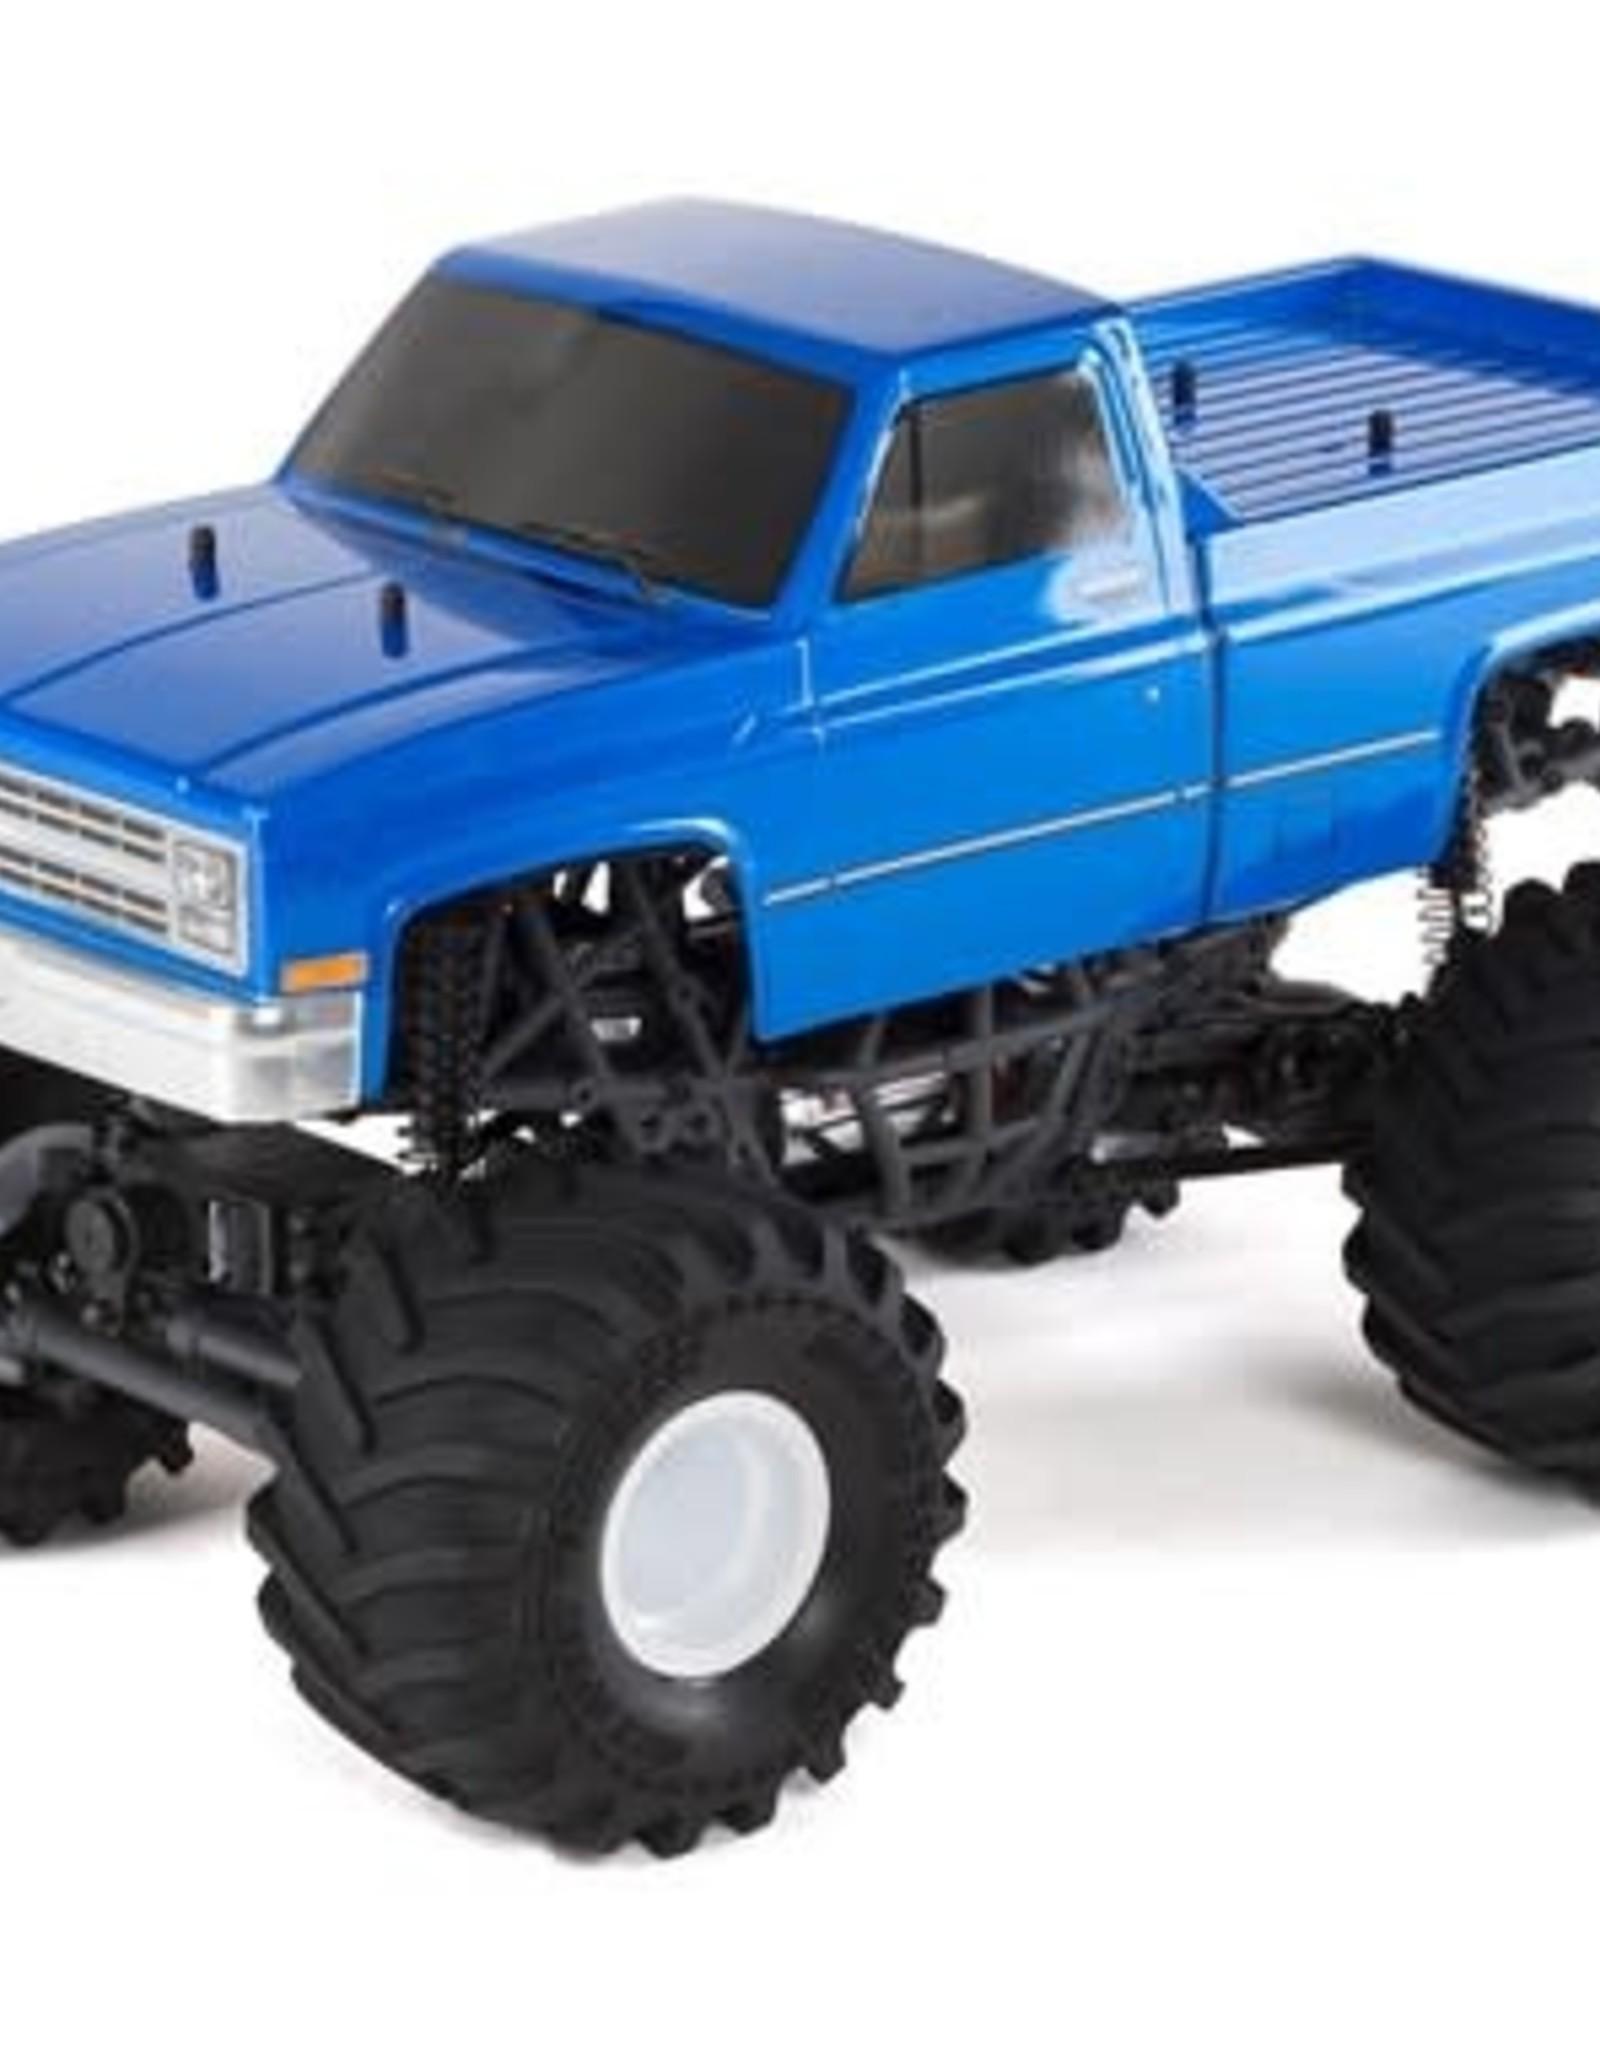 MST MST MTX-1 RTR Brushless 4wd Monster Truck